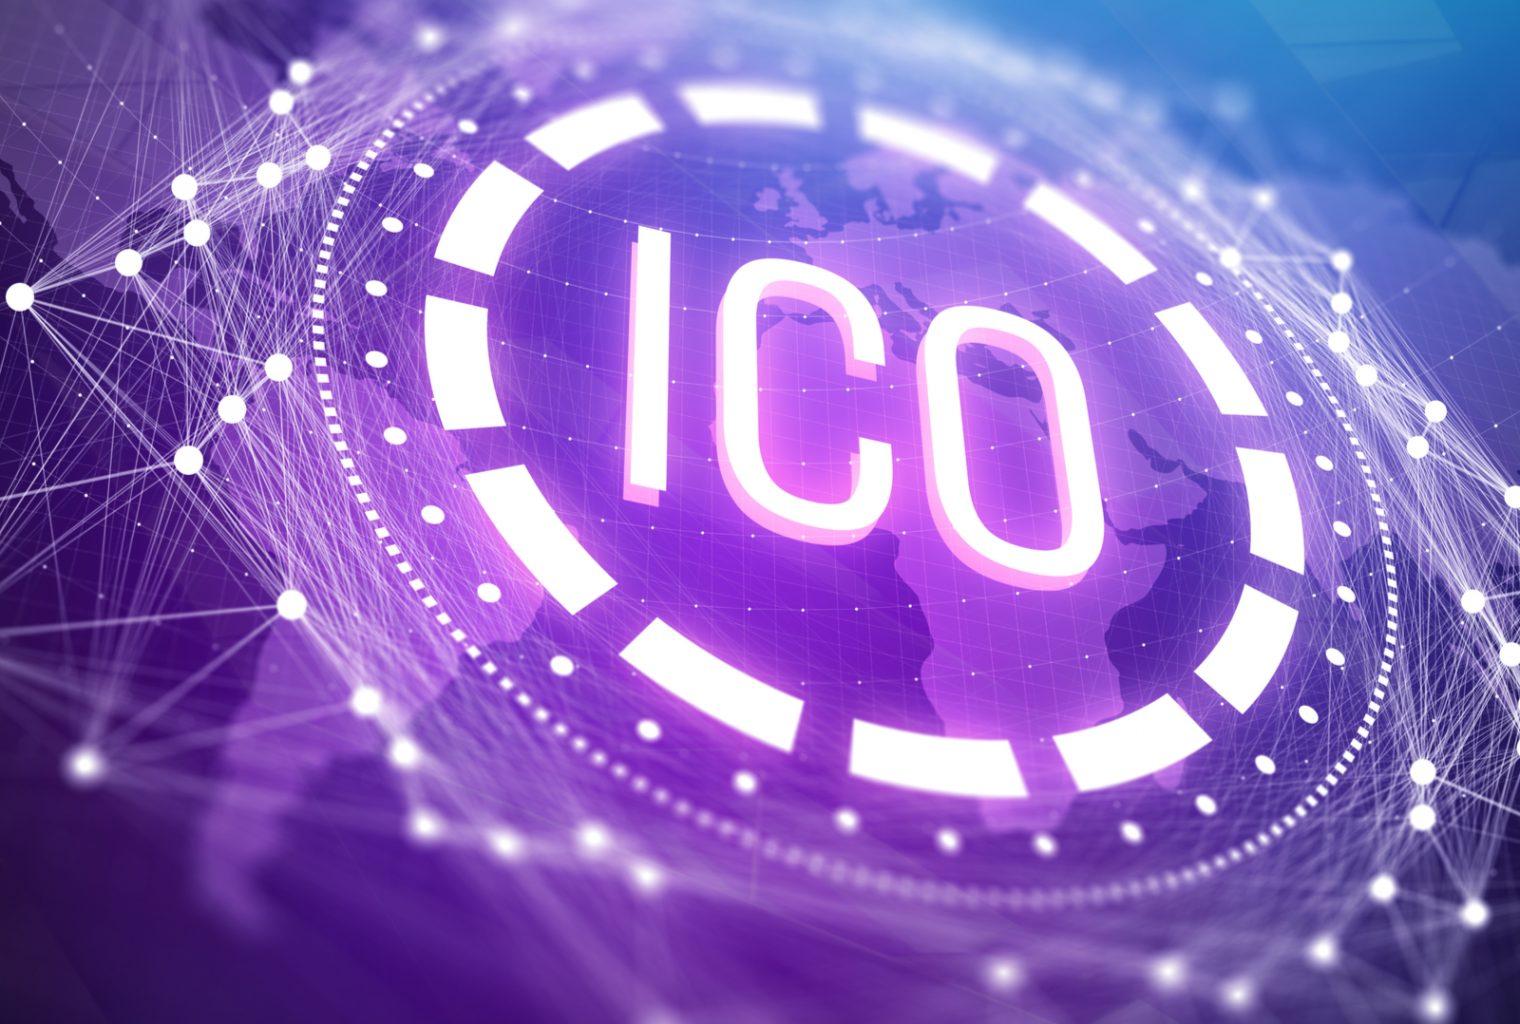 ICO ( viết tắt của Initial Coin Offering), hay còn gọi là hệ thống cung cấp tiền xu ban đầu